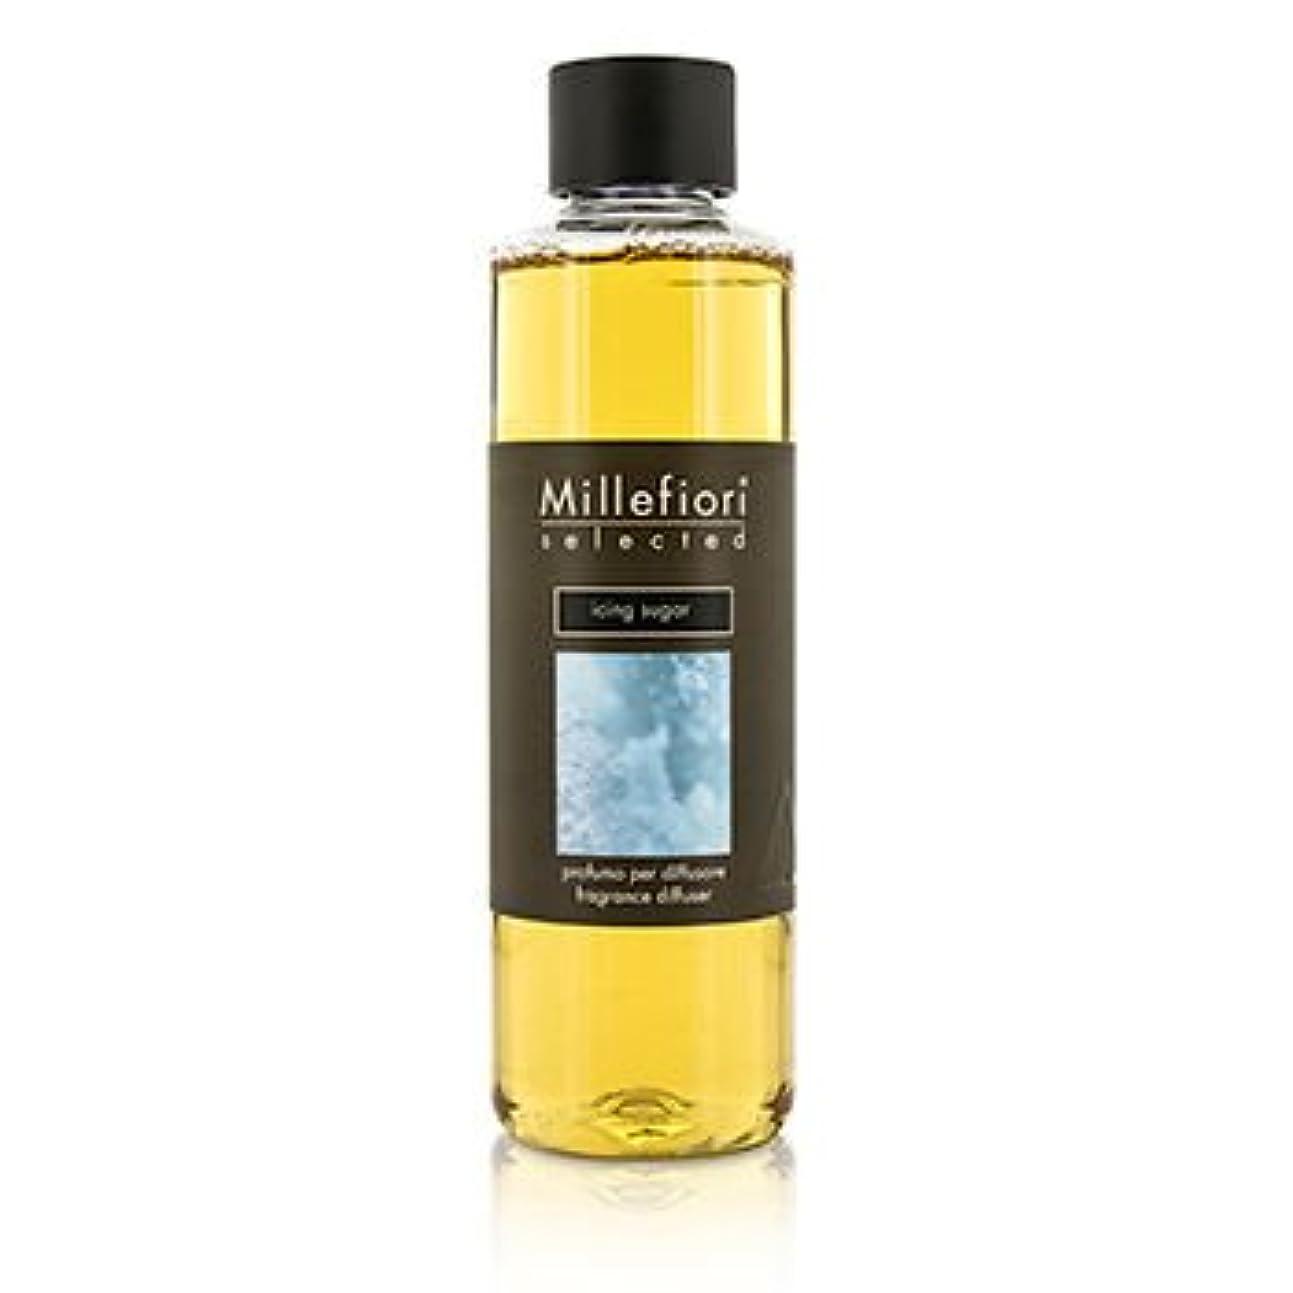 無線半導体浸漬[Millefiori] Selected Fragrance Diffuser Refill - Icing Sugar 250ml/8.45oz